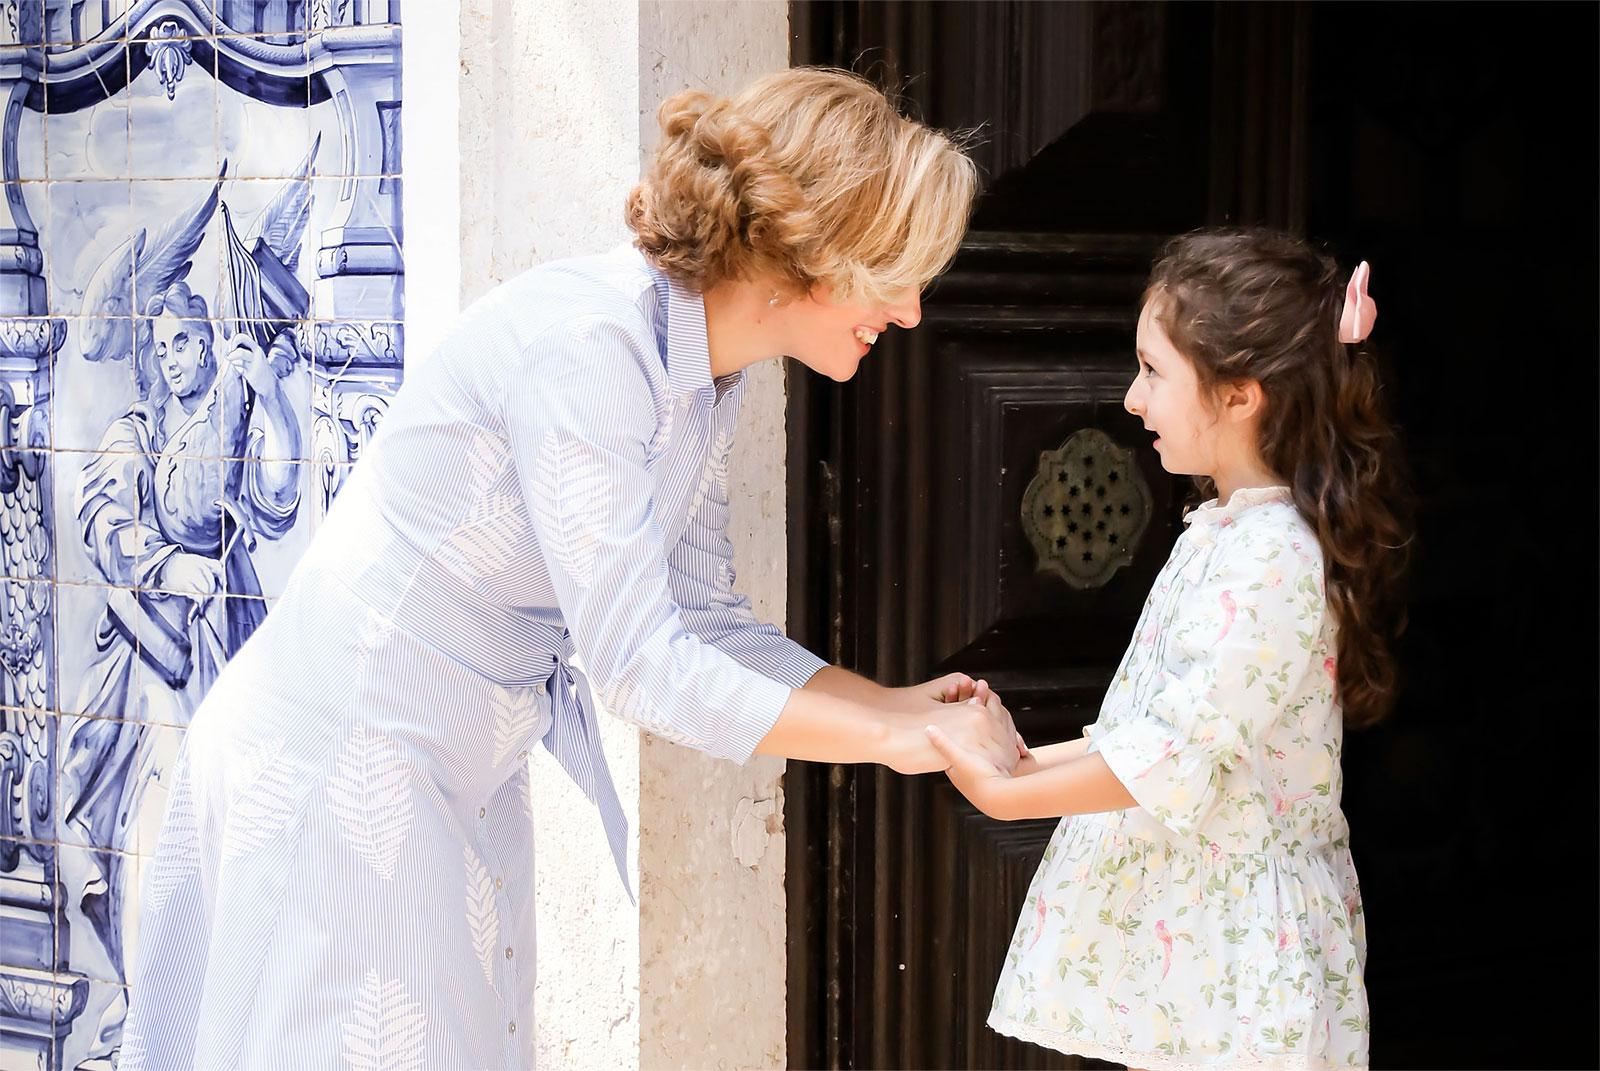 Rita Aleluia de mãos dadas com menina à entrada de uma igreja